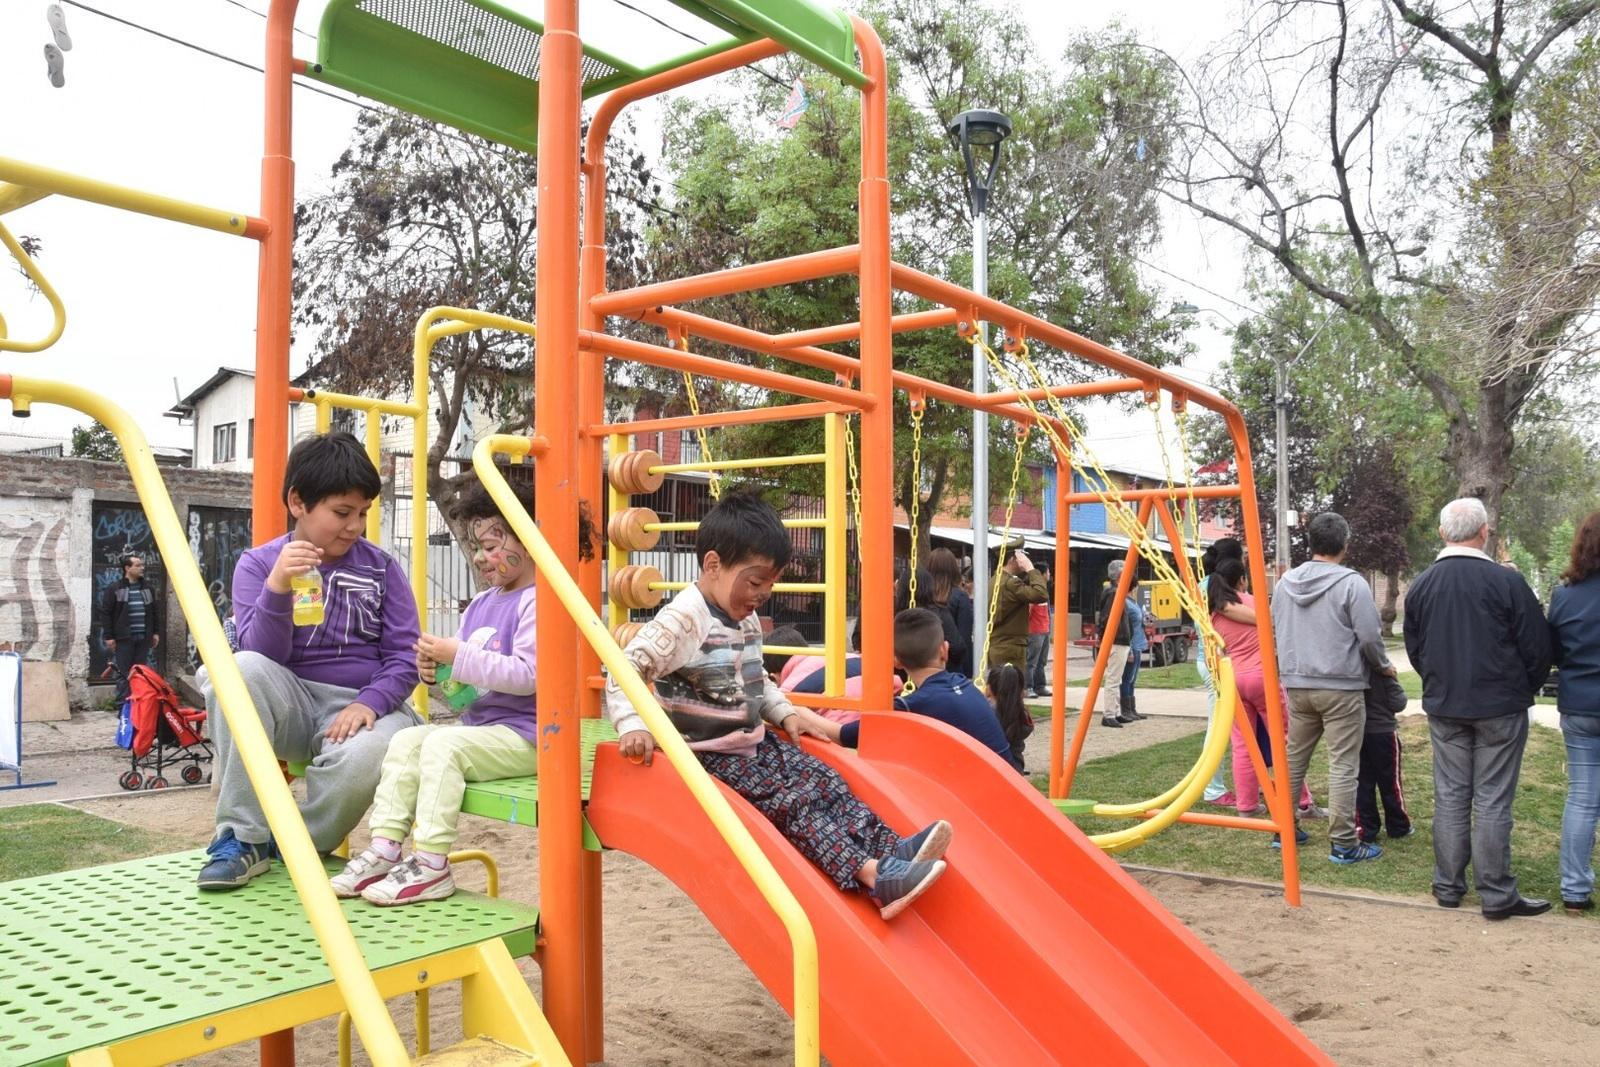 Nuevas áreas verdes y mejoramiento de espacio público en la comuna de La Granja - Página 2 CQZ1d4LWIAAEmsf